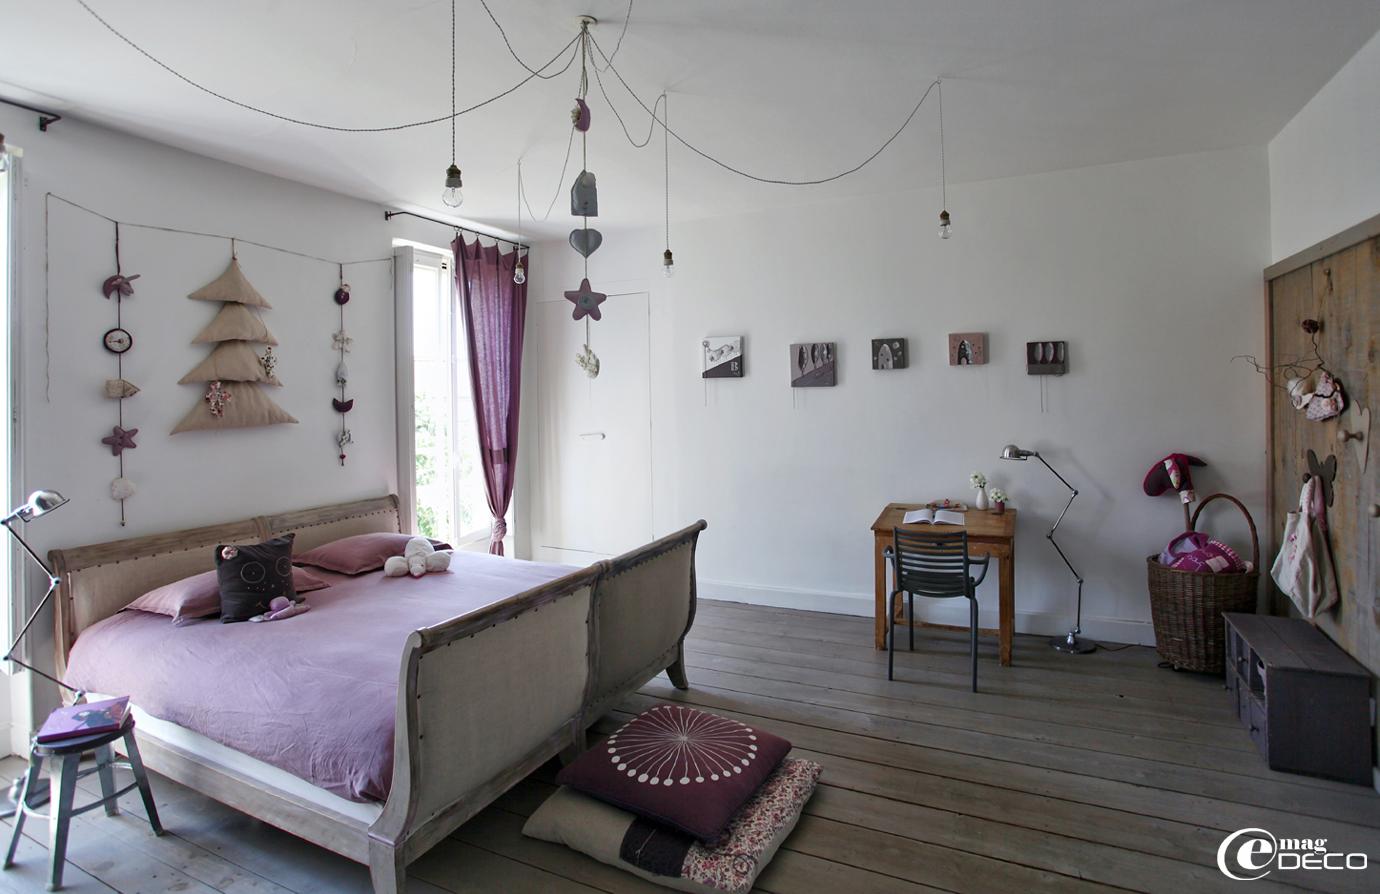 Chambre de jeune fille décorée par Béatrice Loncle, créatrice-décoratrice à Agen